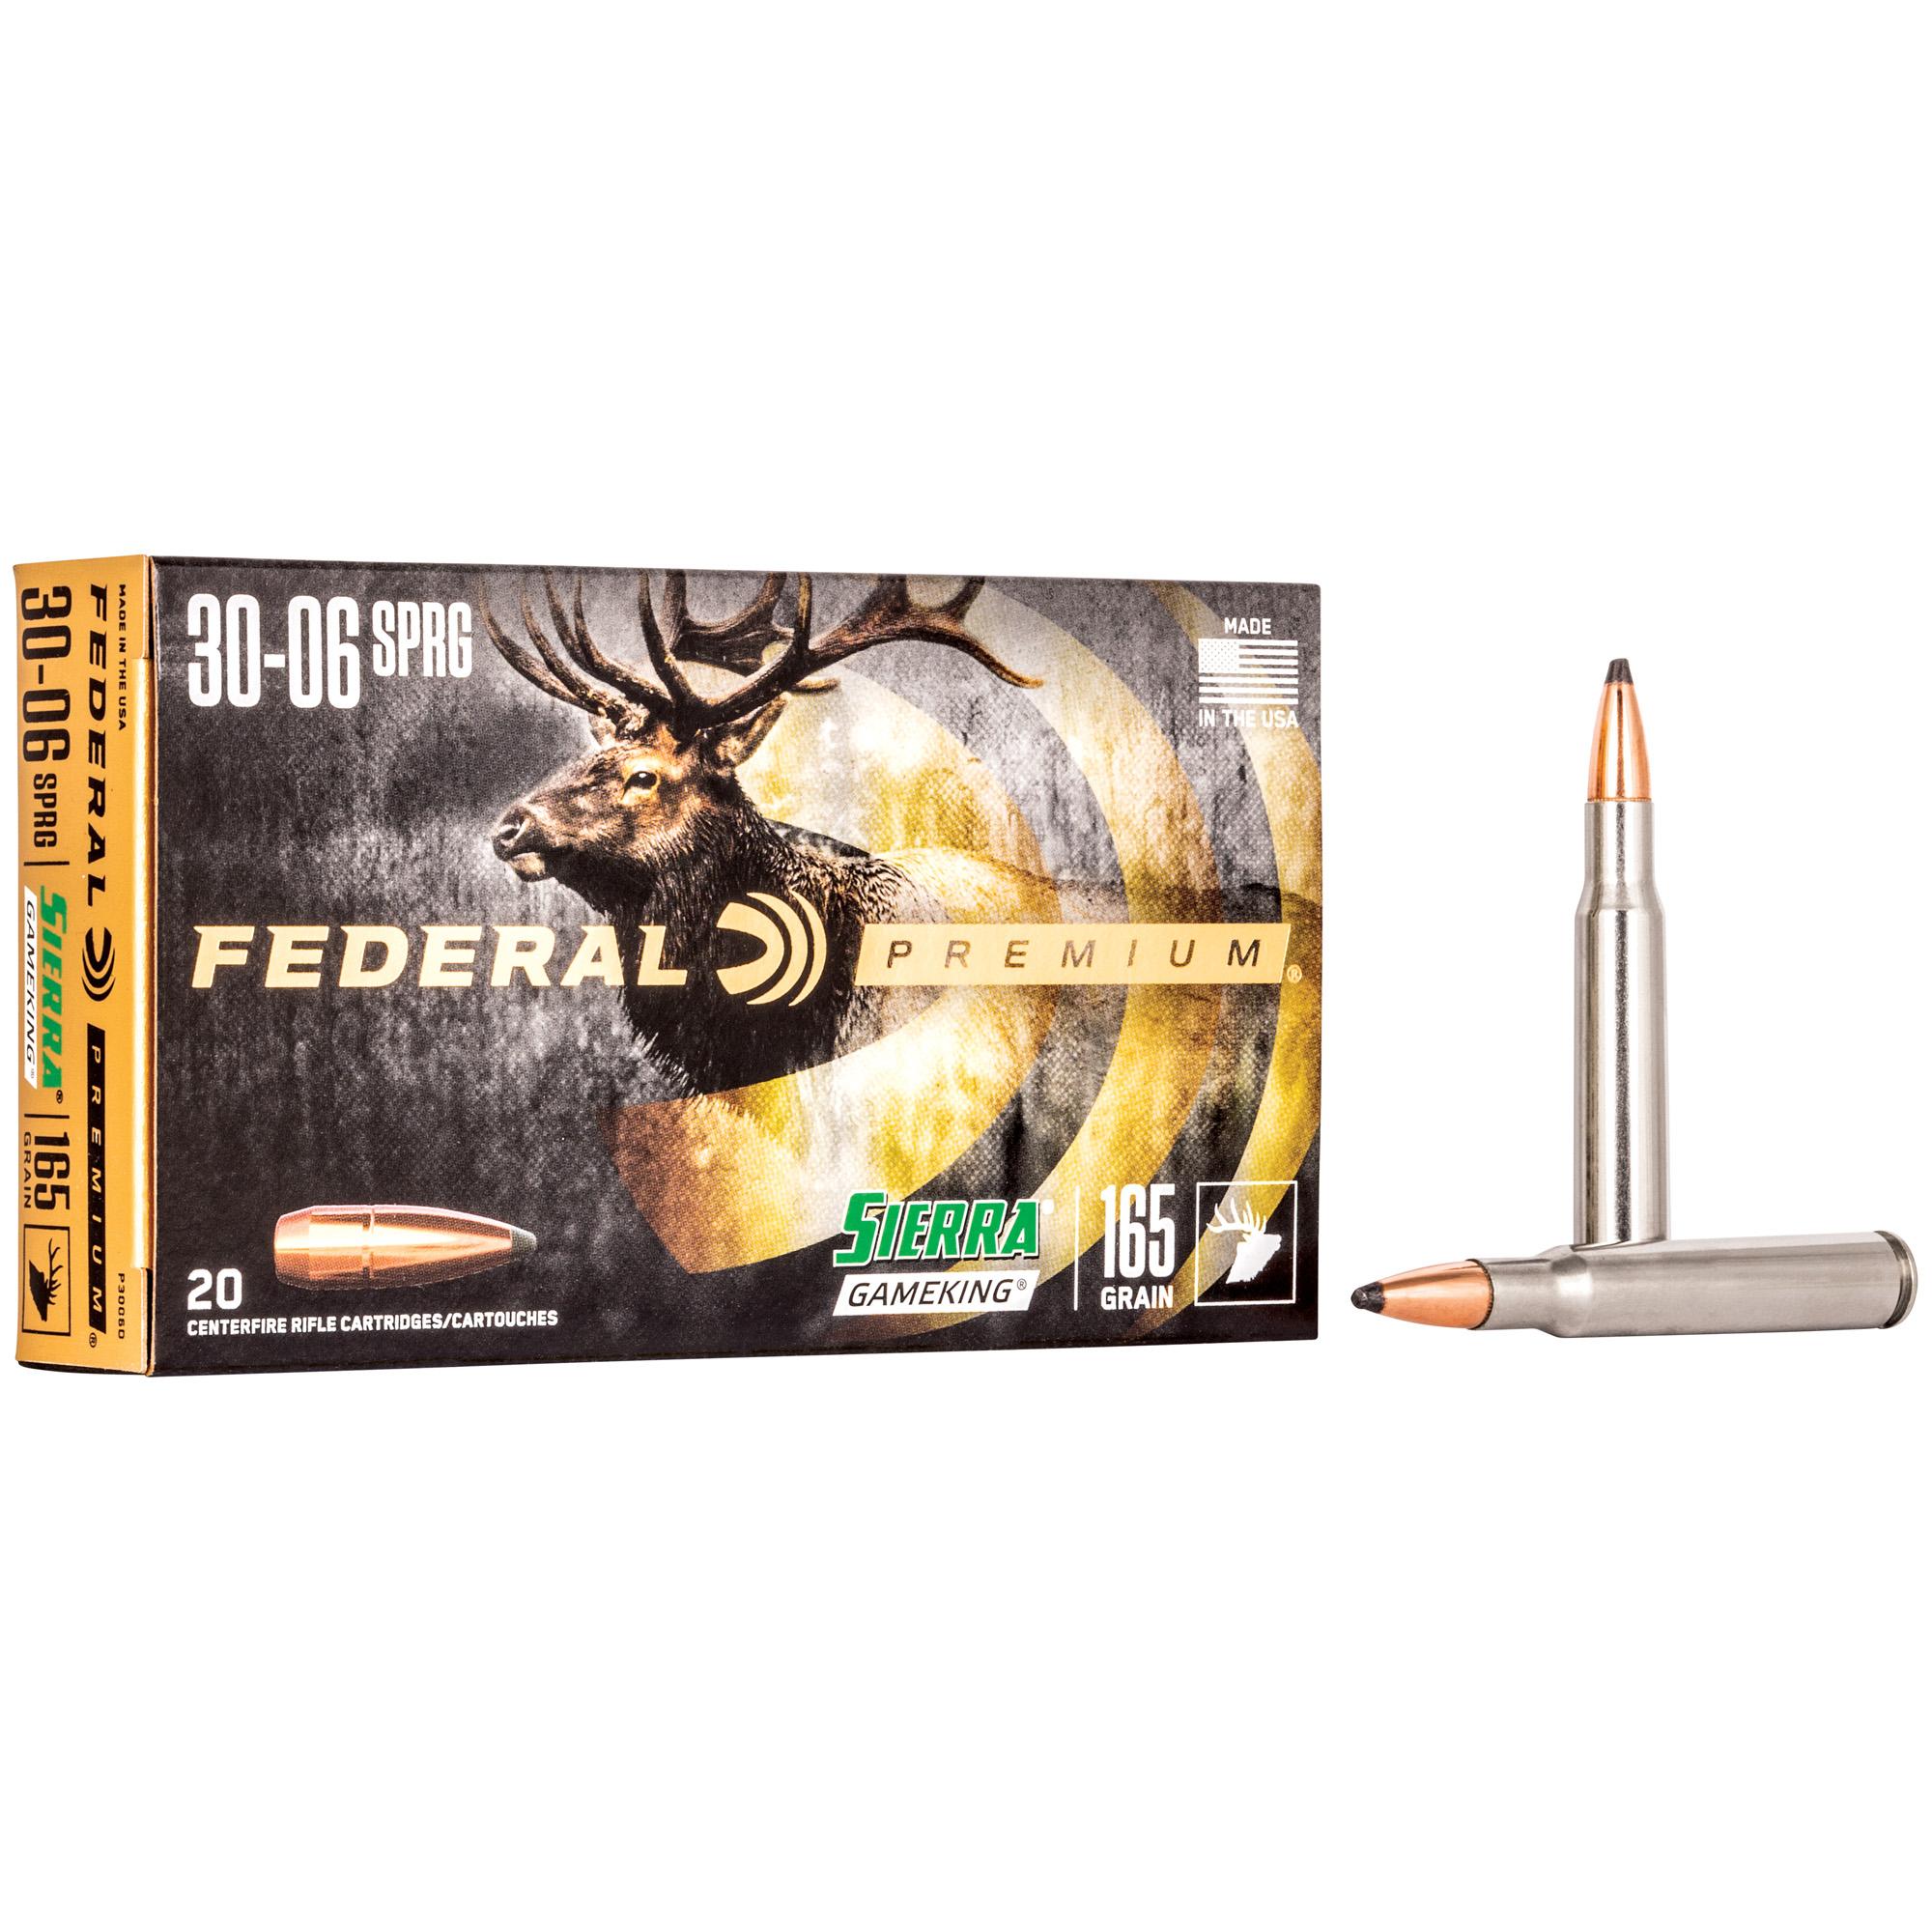 Fed Prm 3006 165gr Btsp 20/200